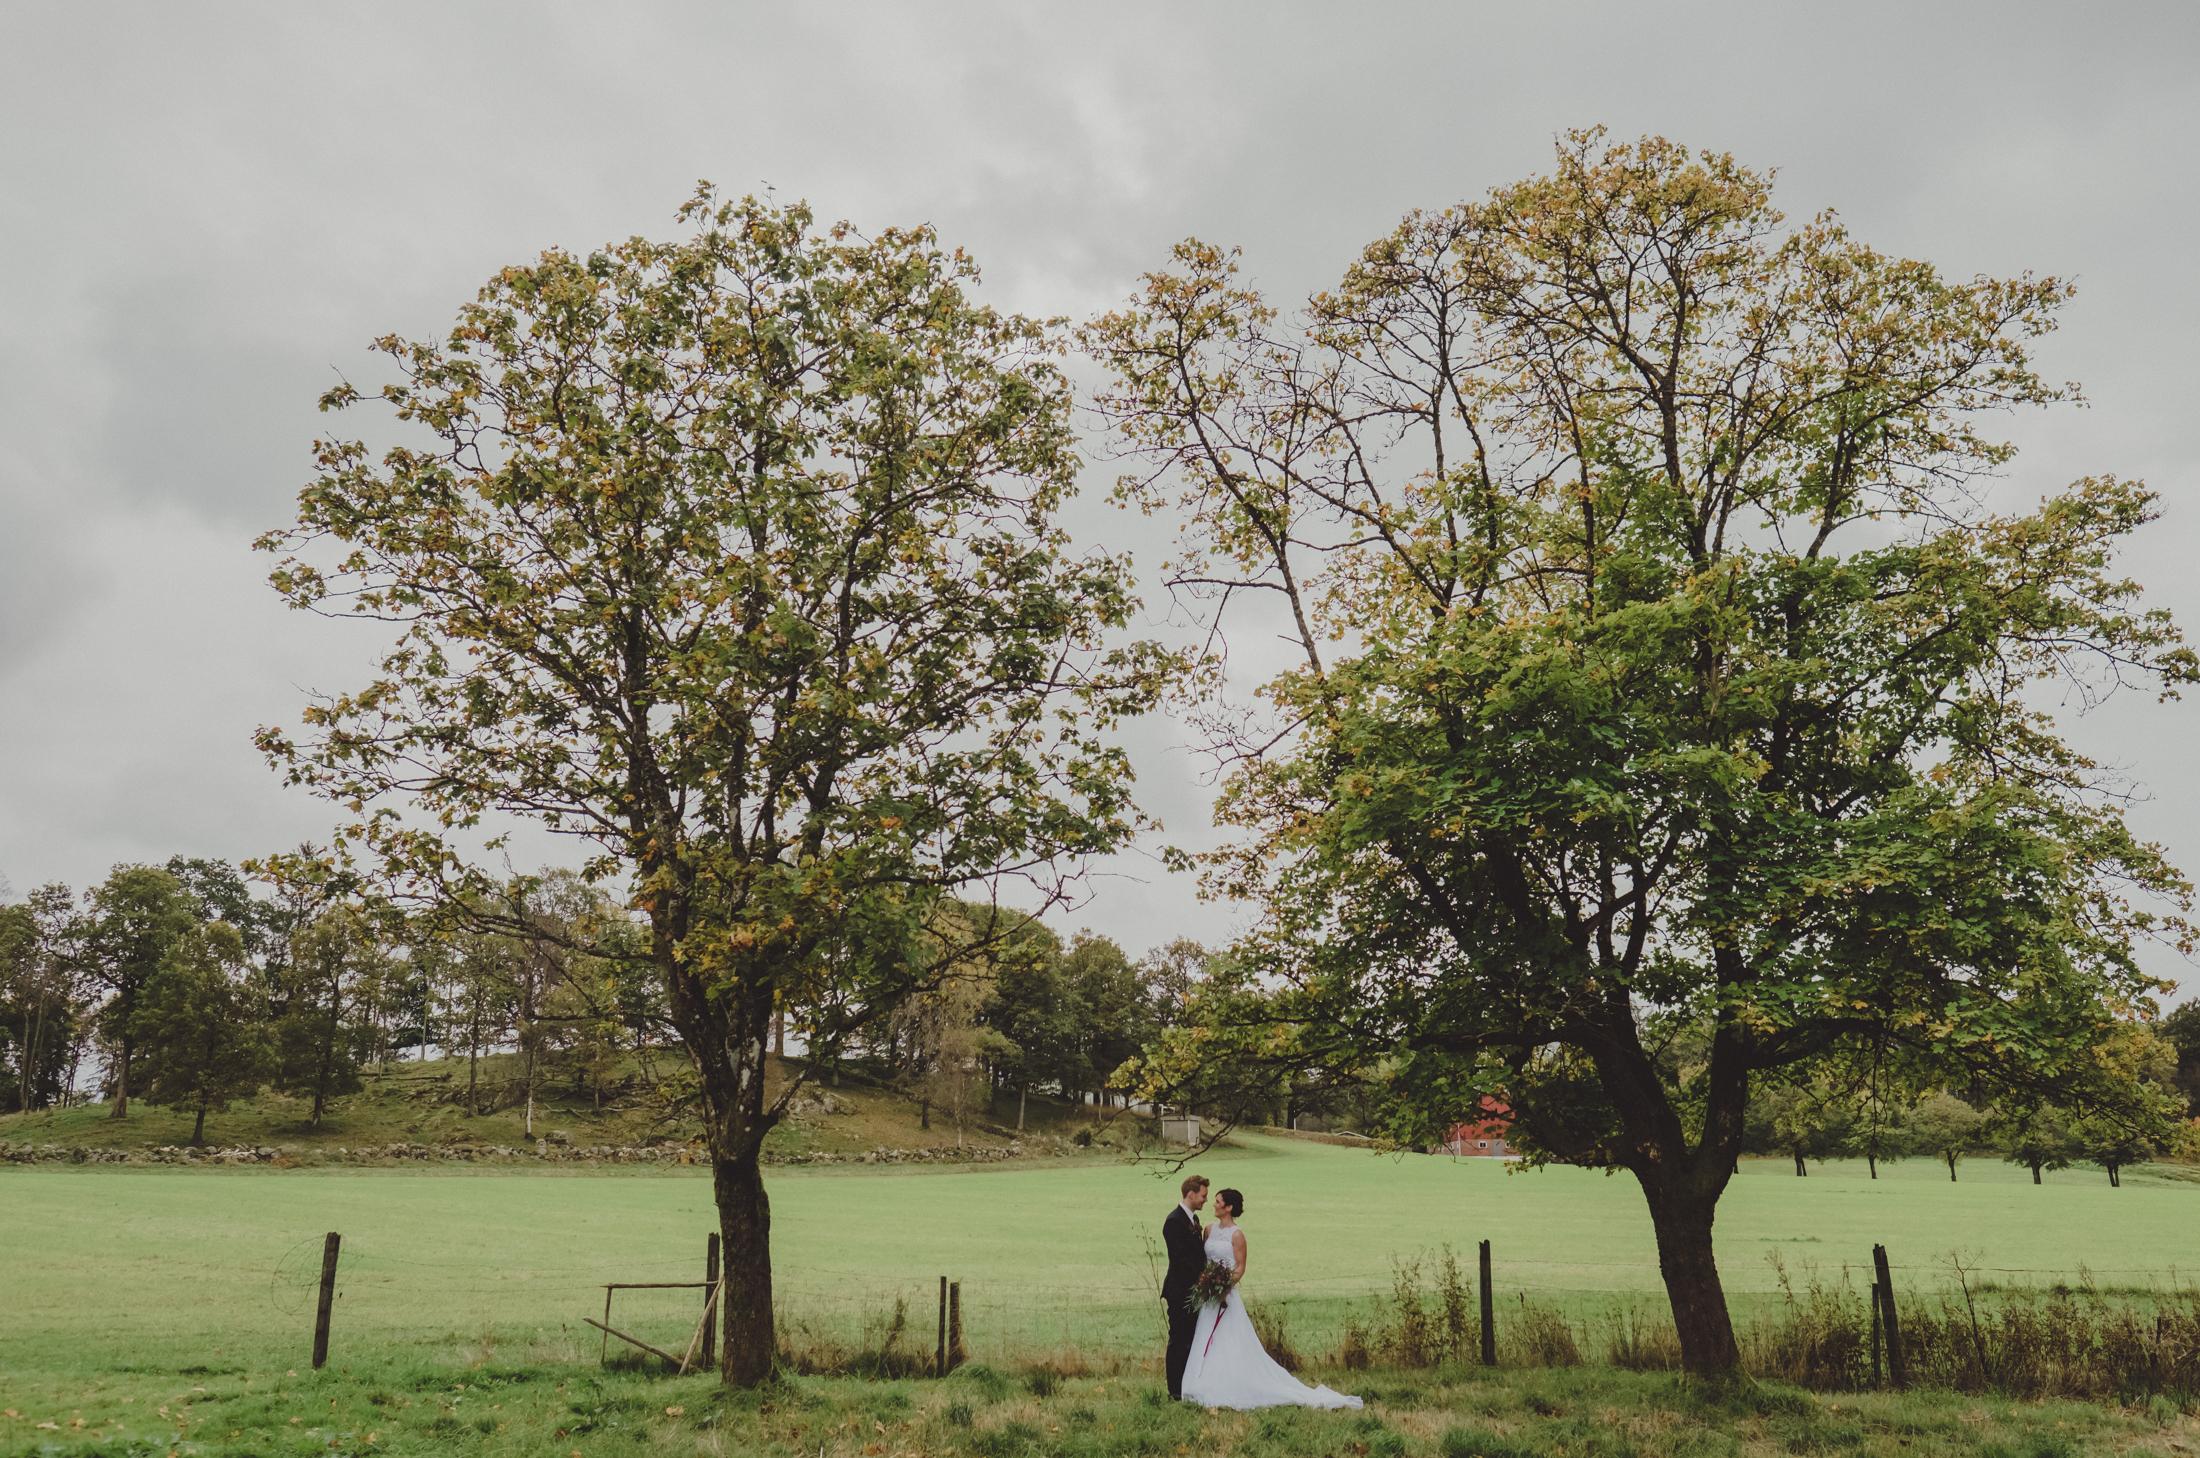 bröllopsfoto-fotograf-max-norin-81.jpg